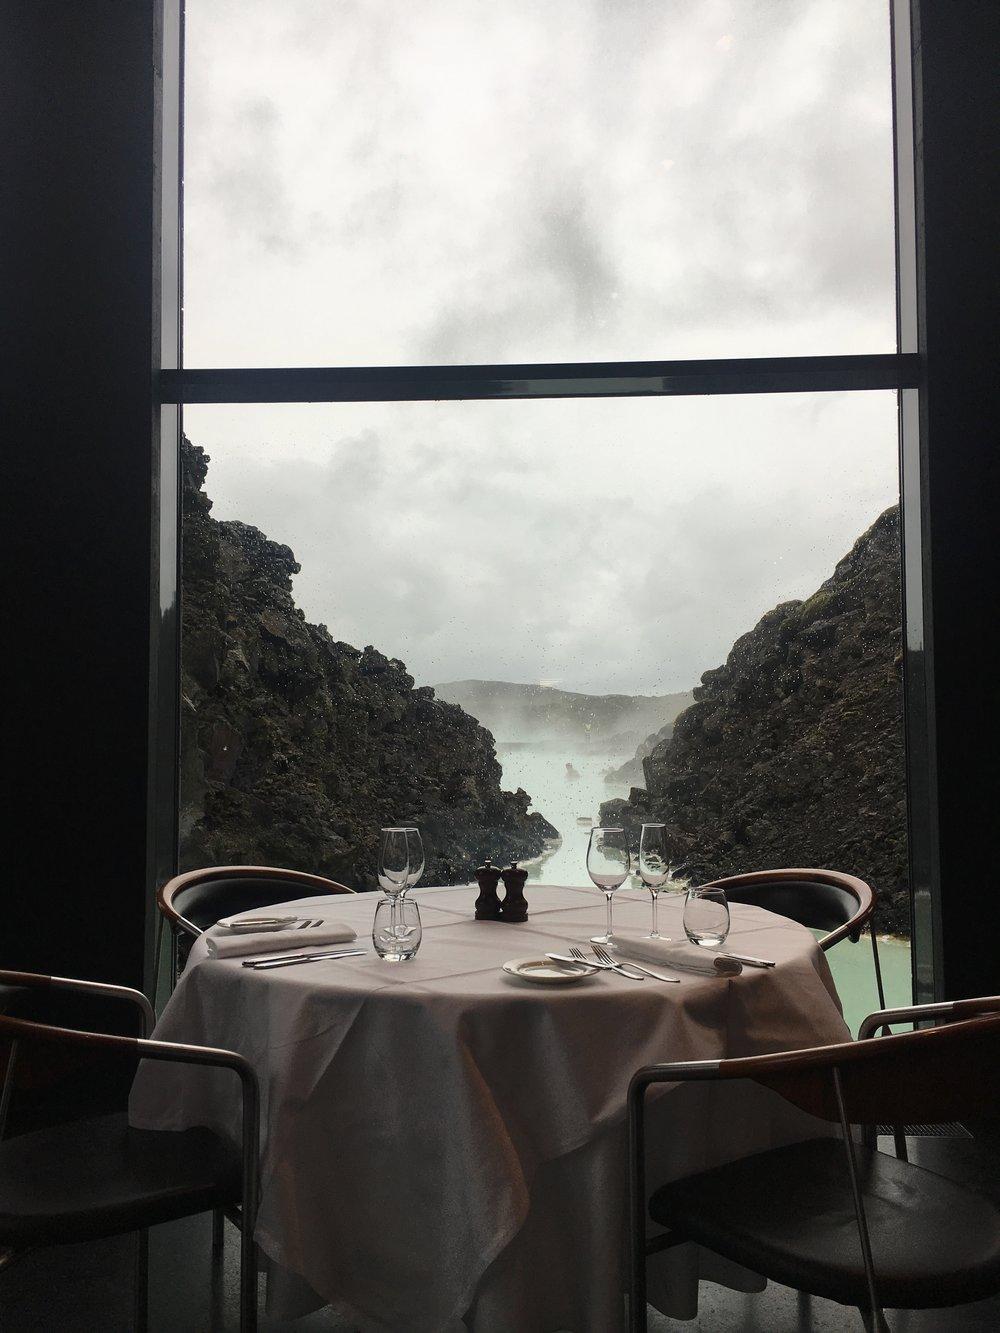 Lava place reviews